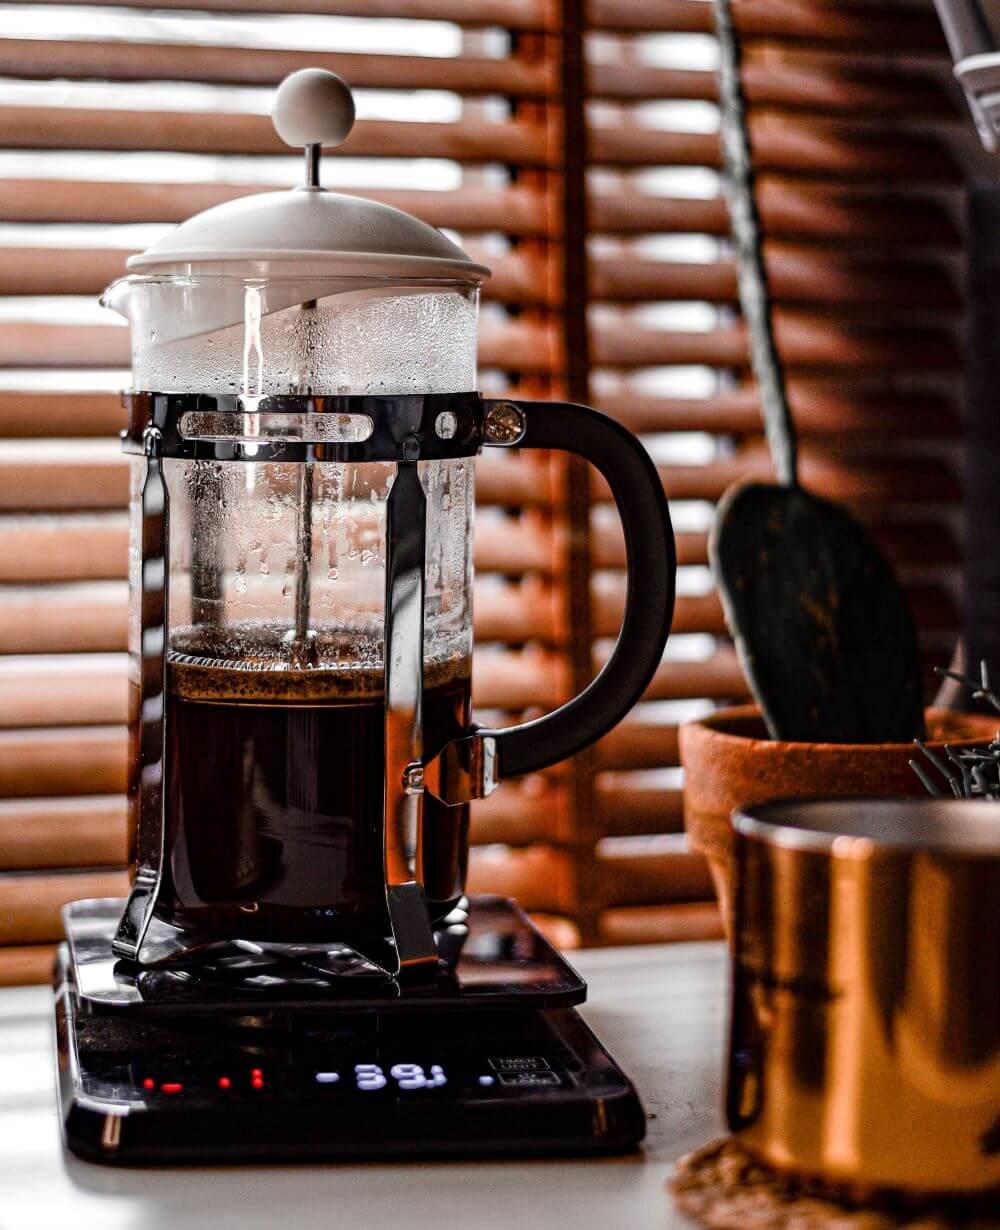 French Press Kaffee in Kanne